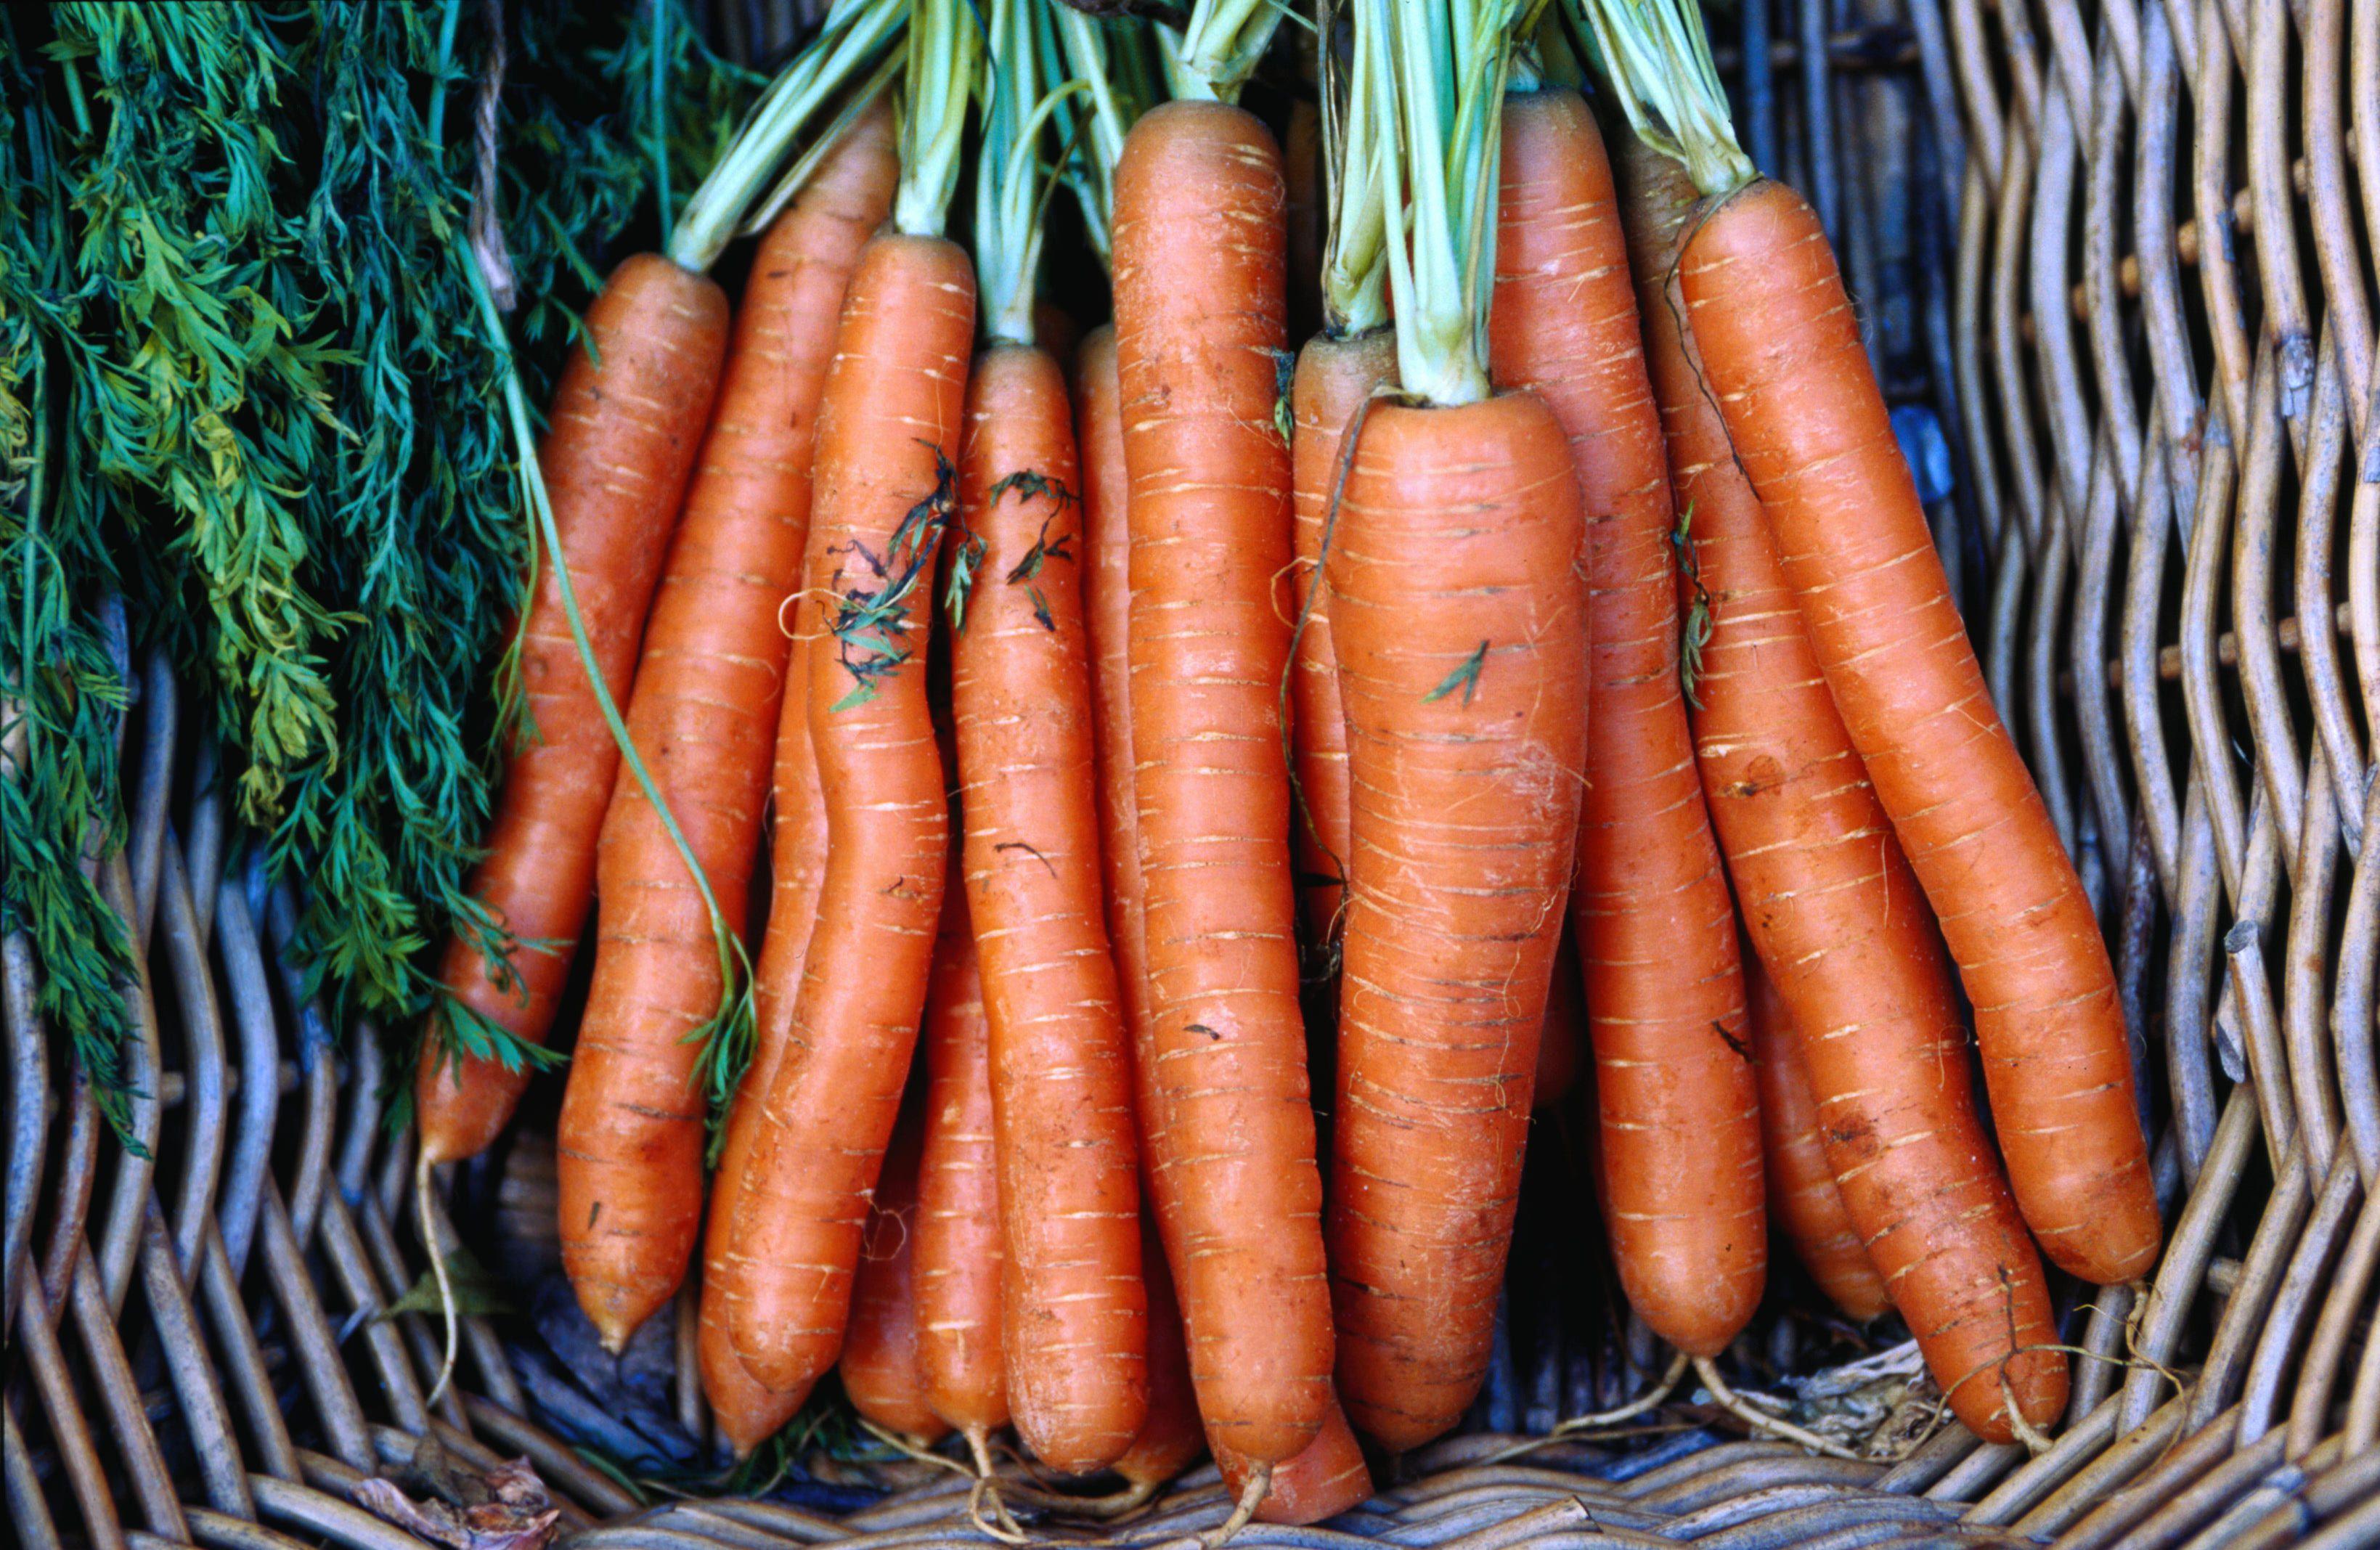 Orange Carrots in a Basket